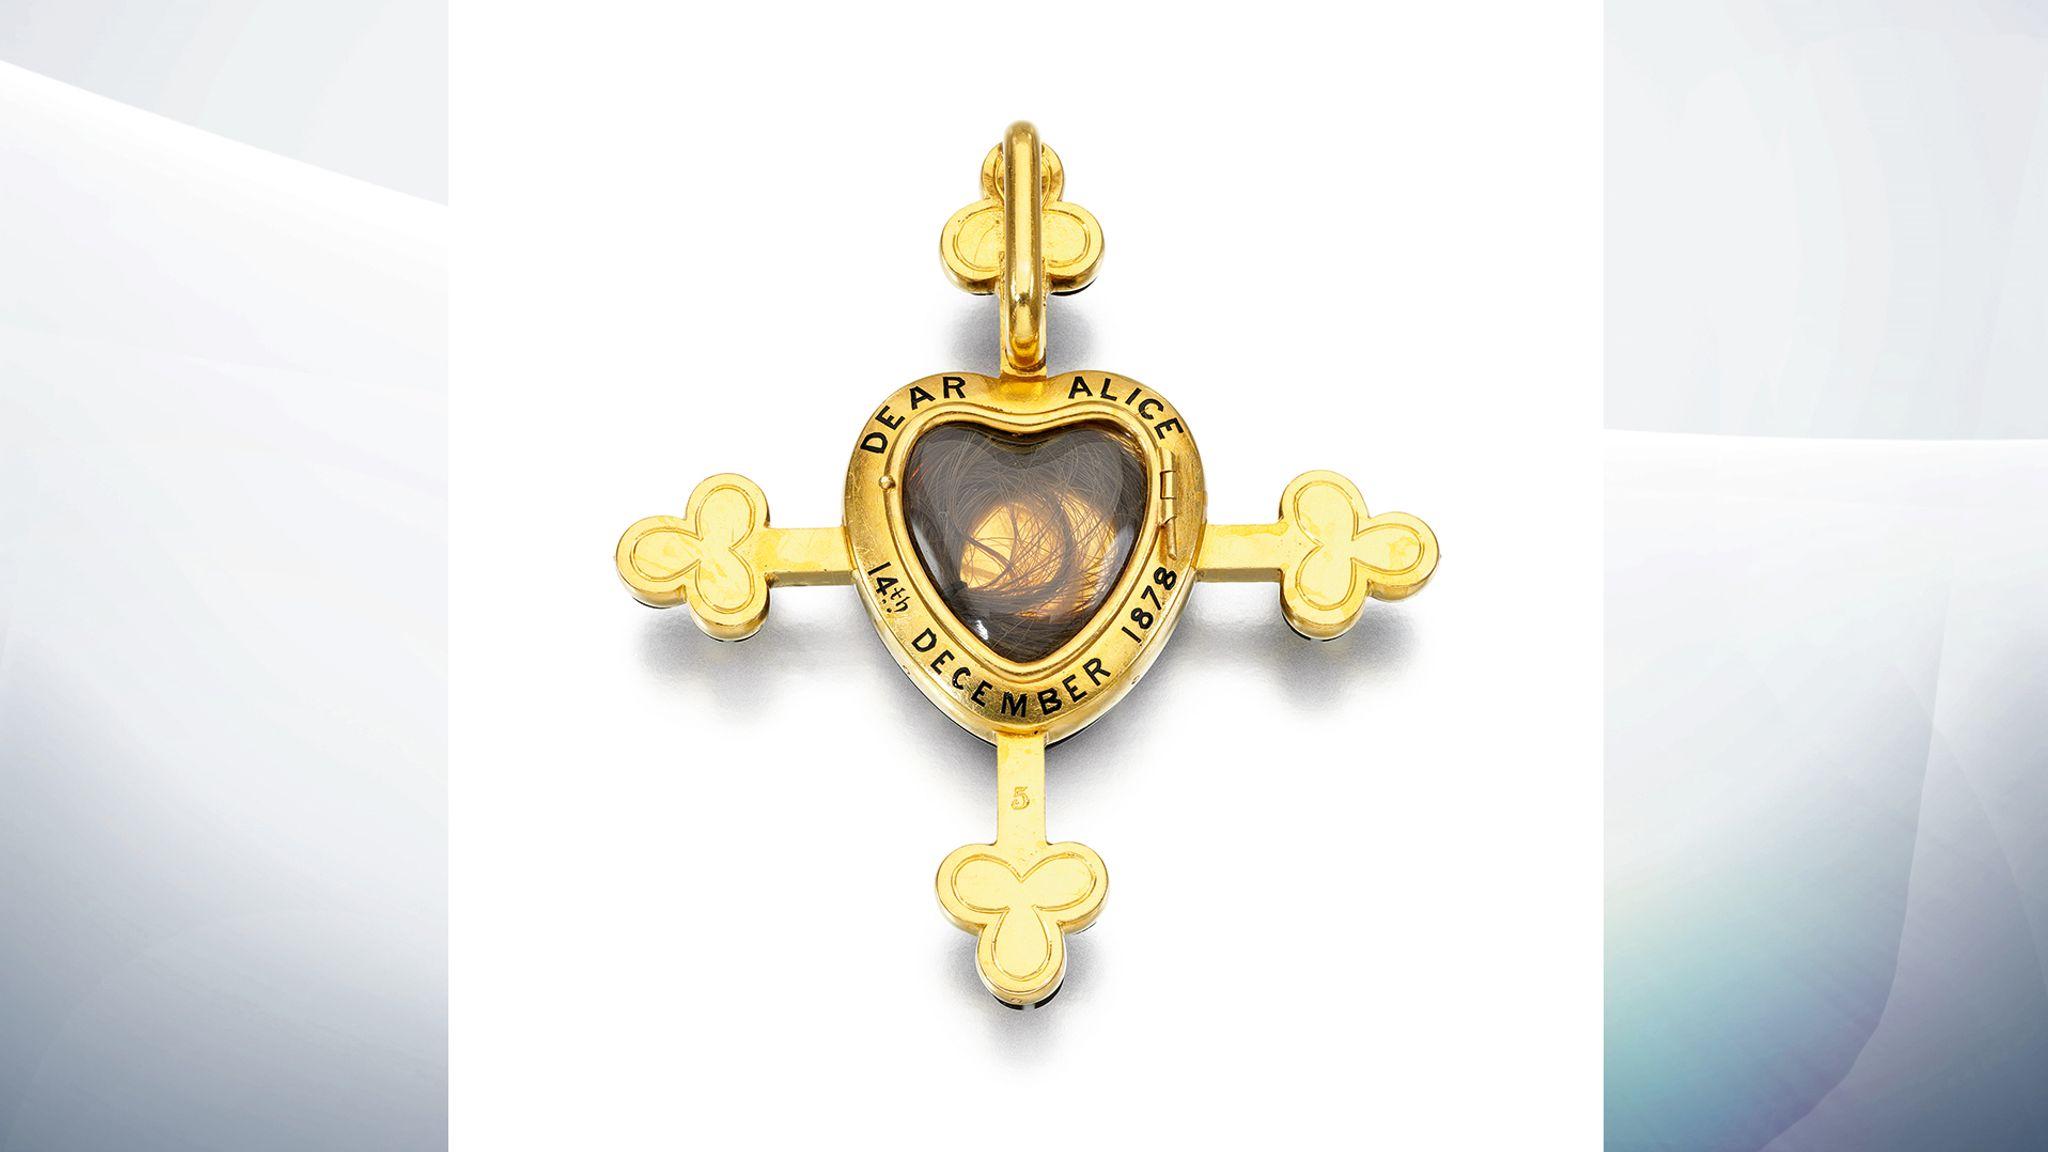 Драгоценности королевы Виктории впервые выставят на аукцион skynews queen victoria mourning jewles